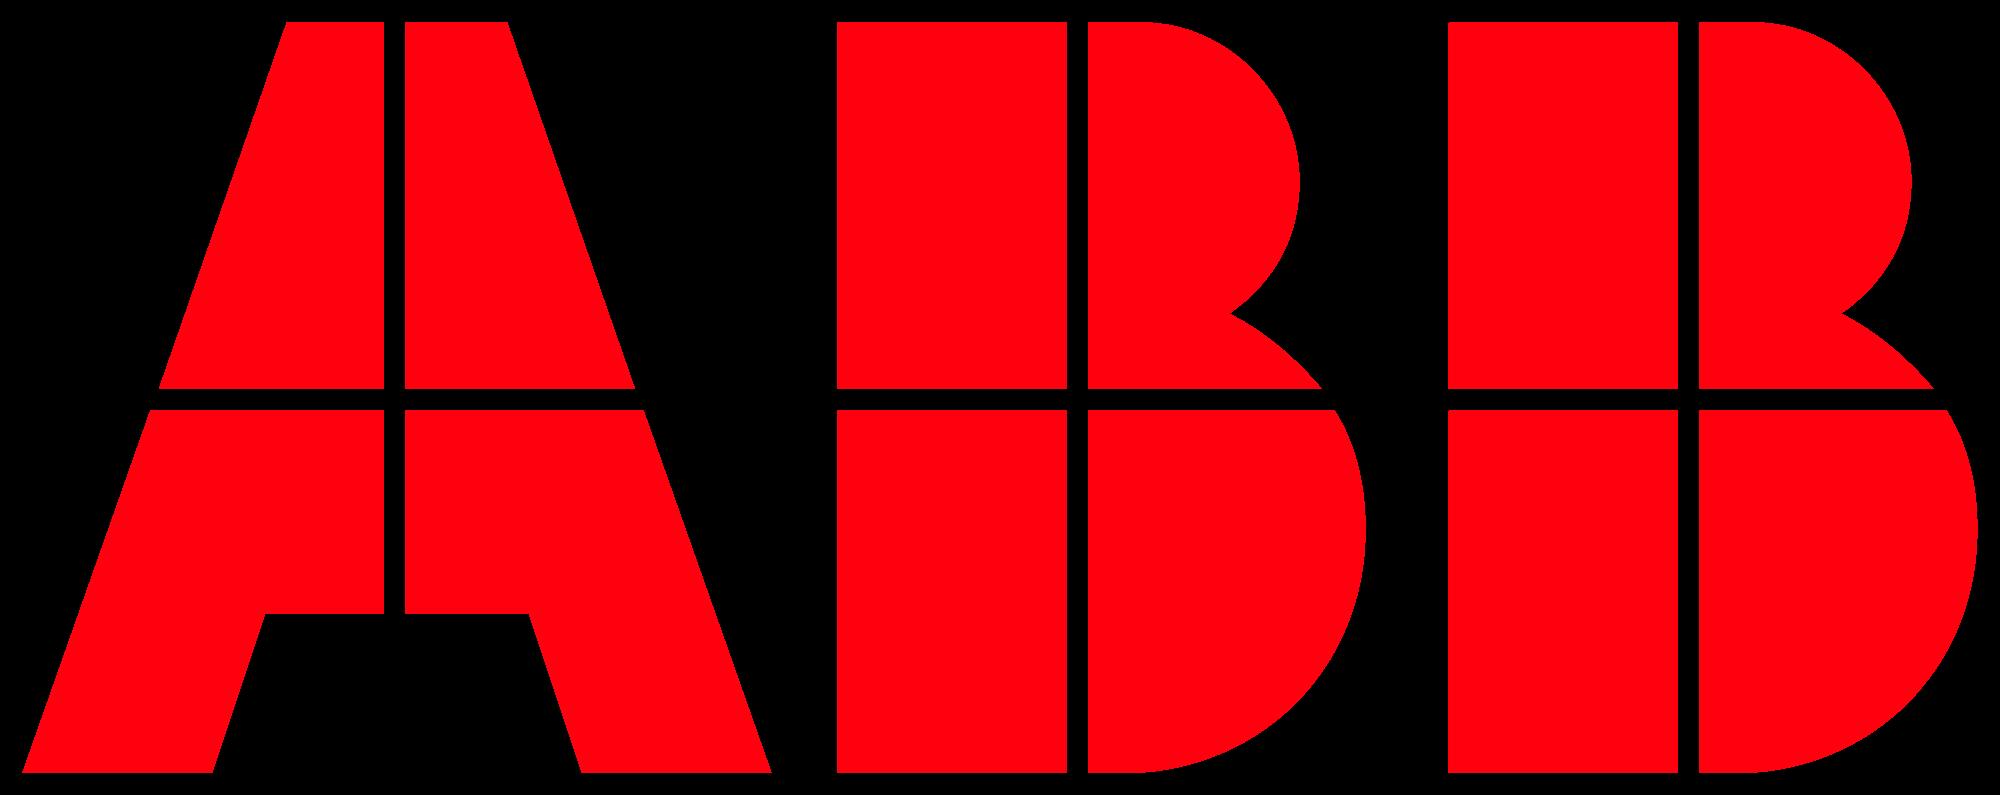 Groepenkast of verdeelkast ABB logo